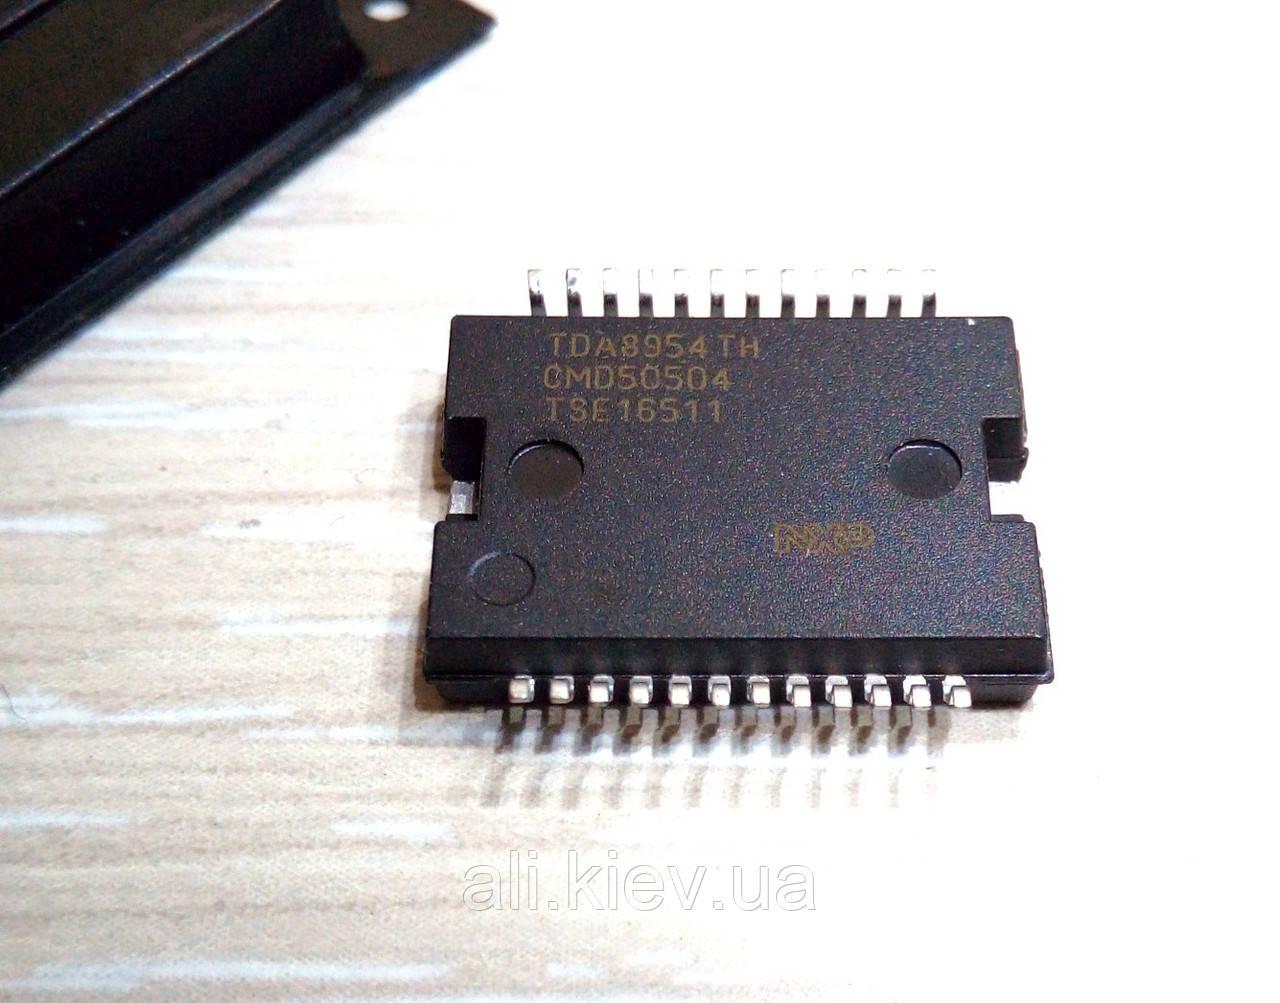 Підсилювач, мікросхема Д -клас TDA8954TH 2*210 Вт , 1*420 Вт мост